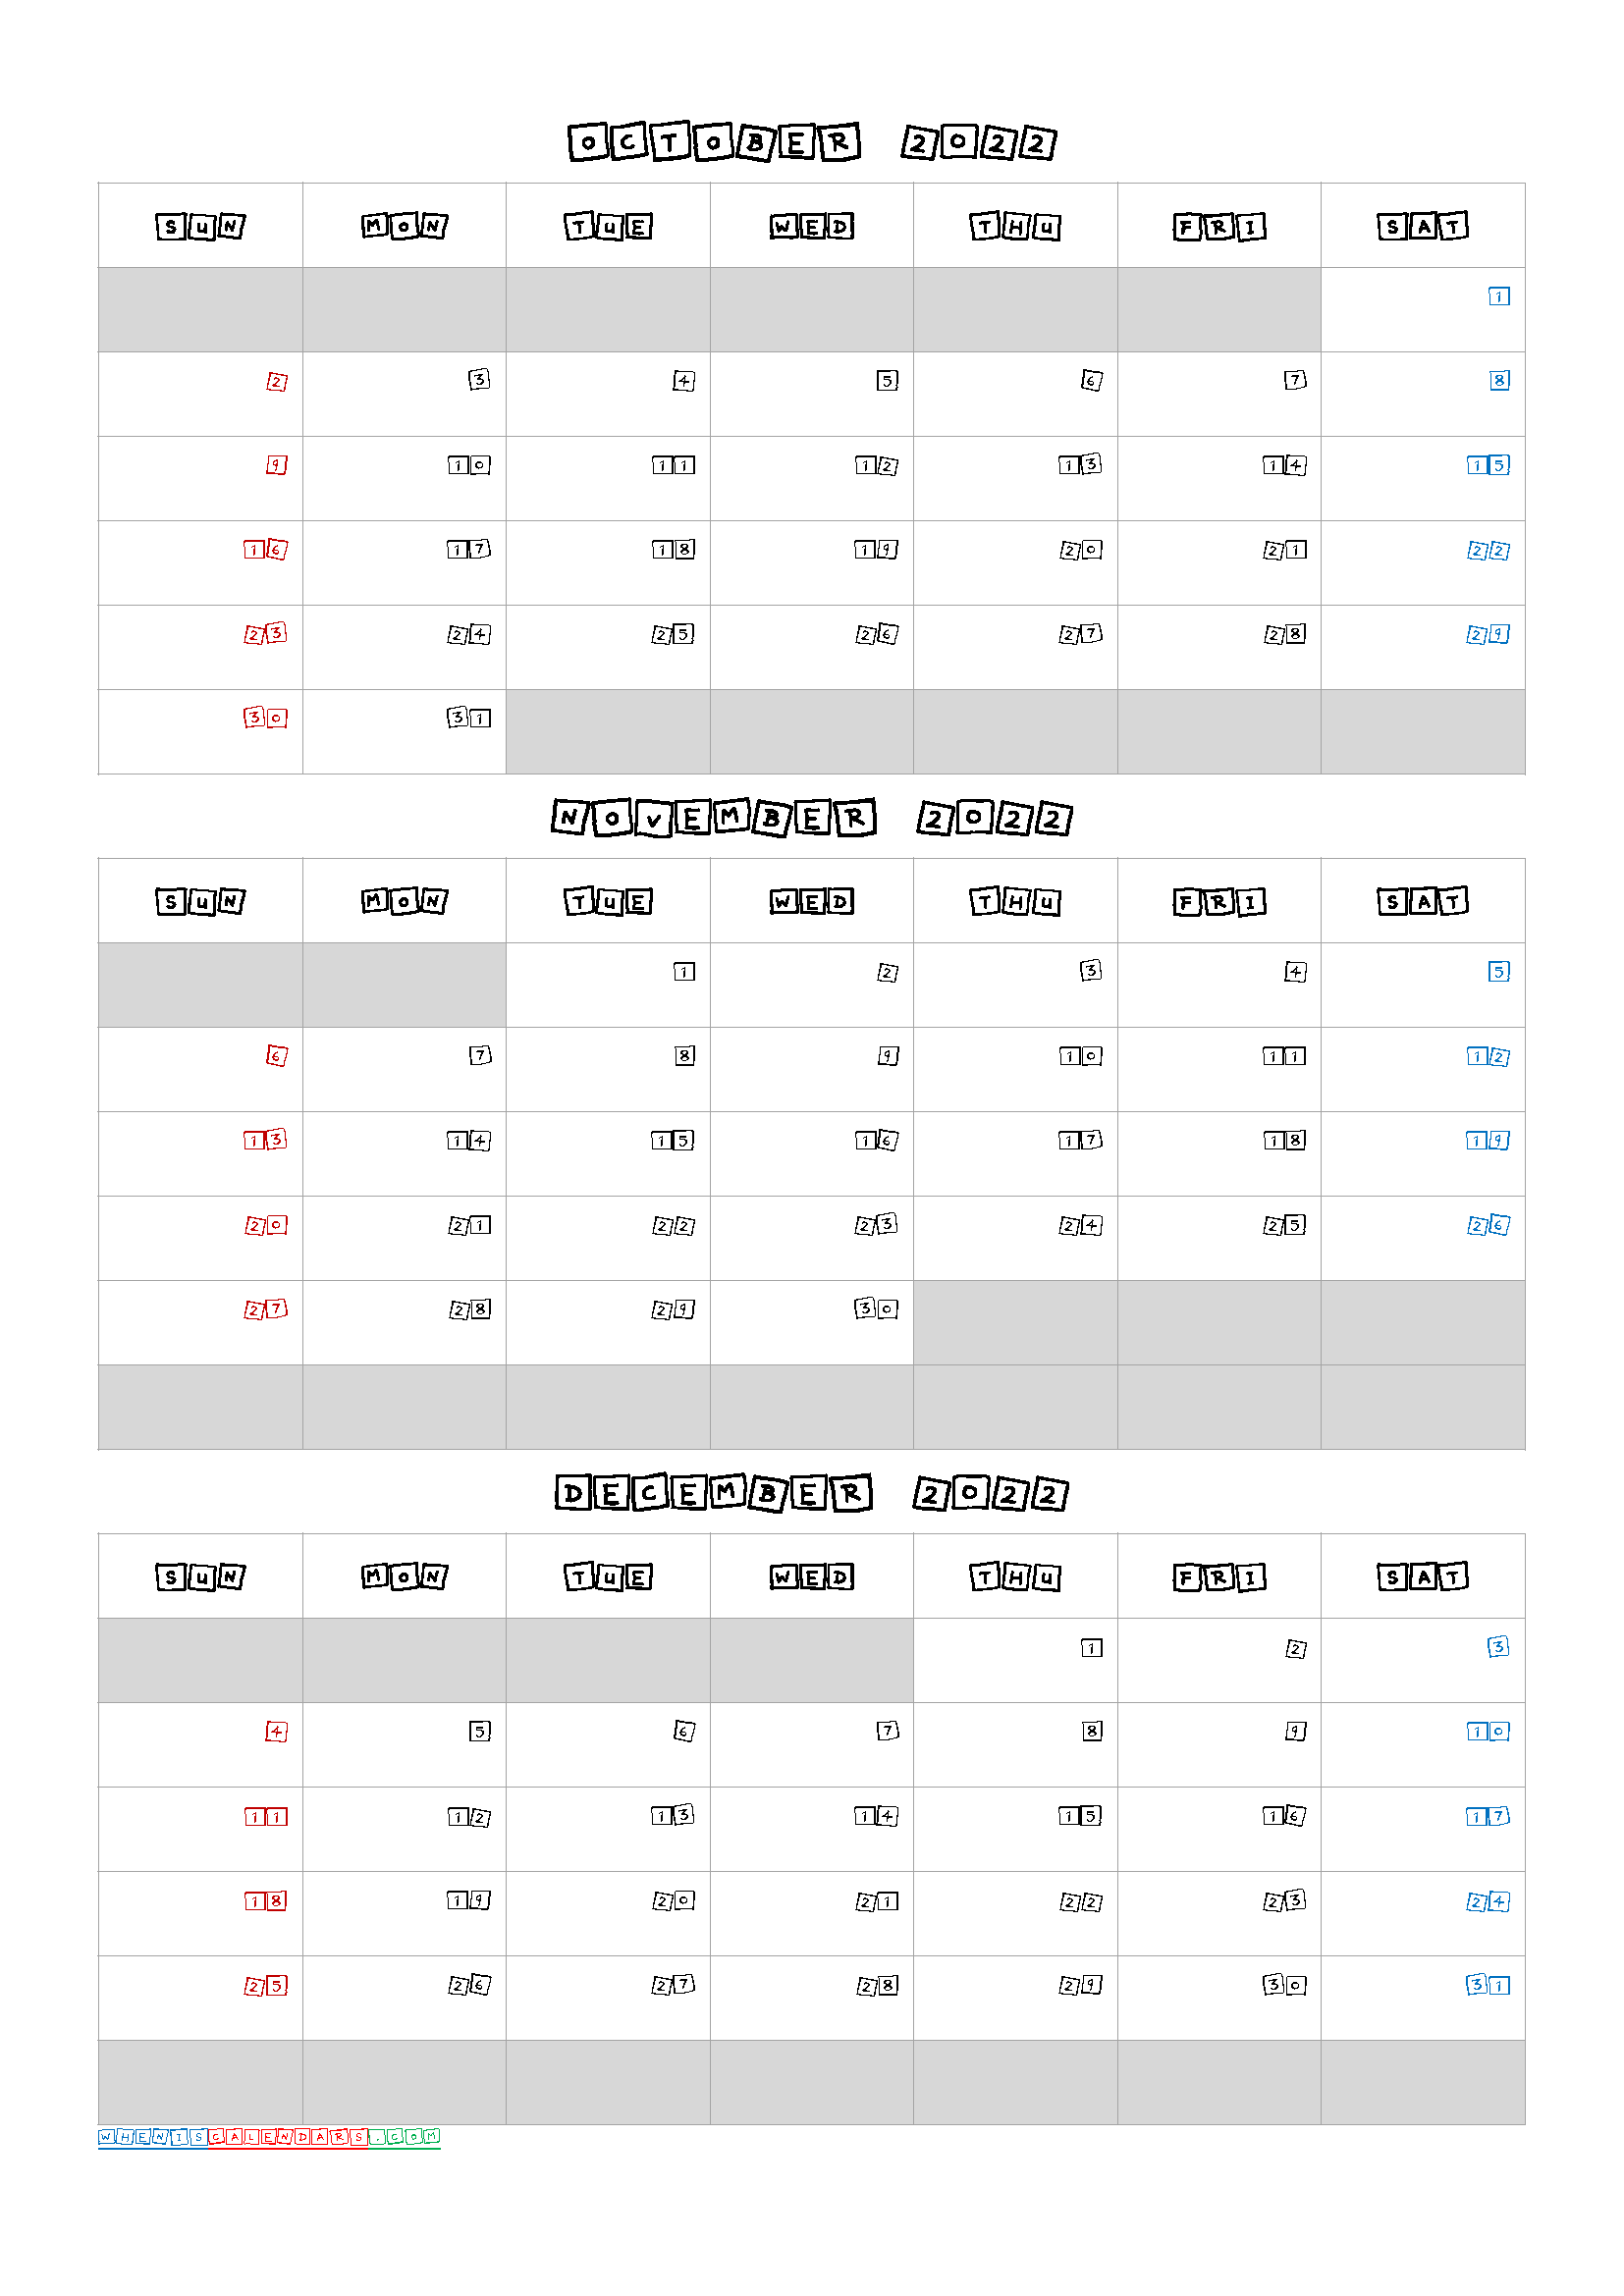 Q3 2021 Calendar Free Calendar October November December 2022 [Q1 Q2 Q3 Q4] in 2020